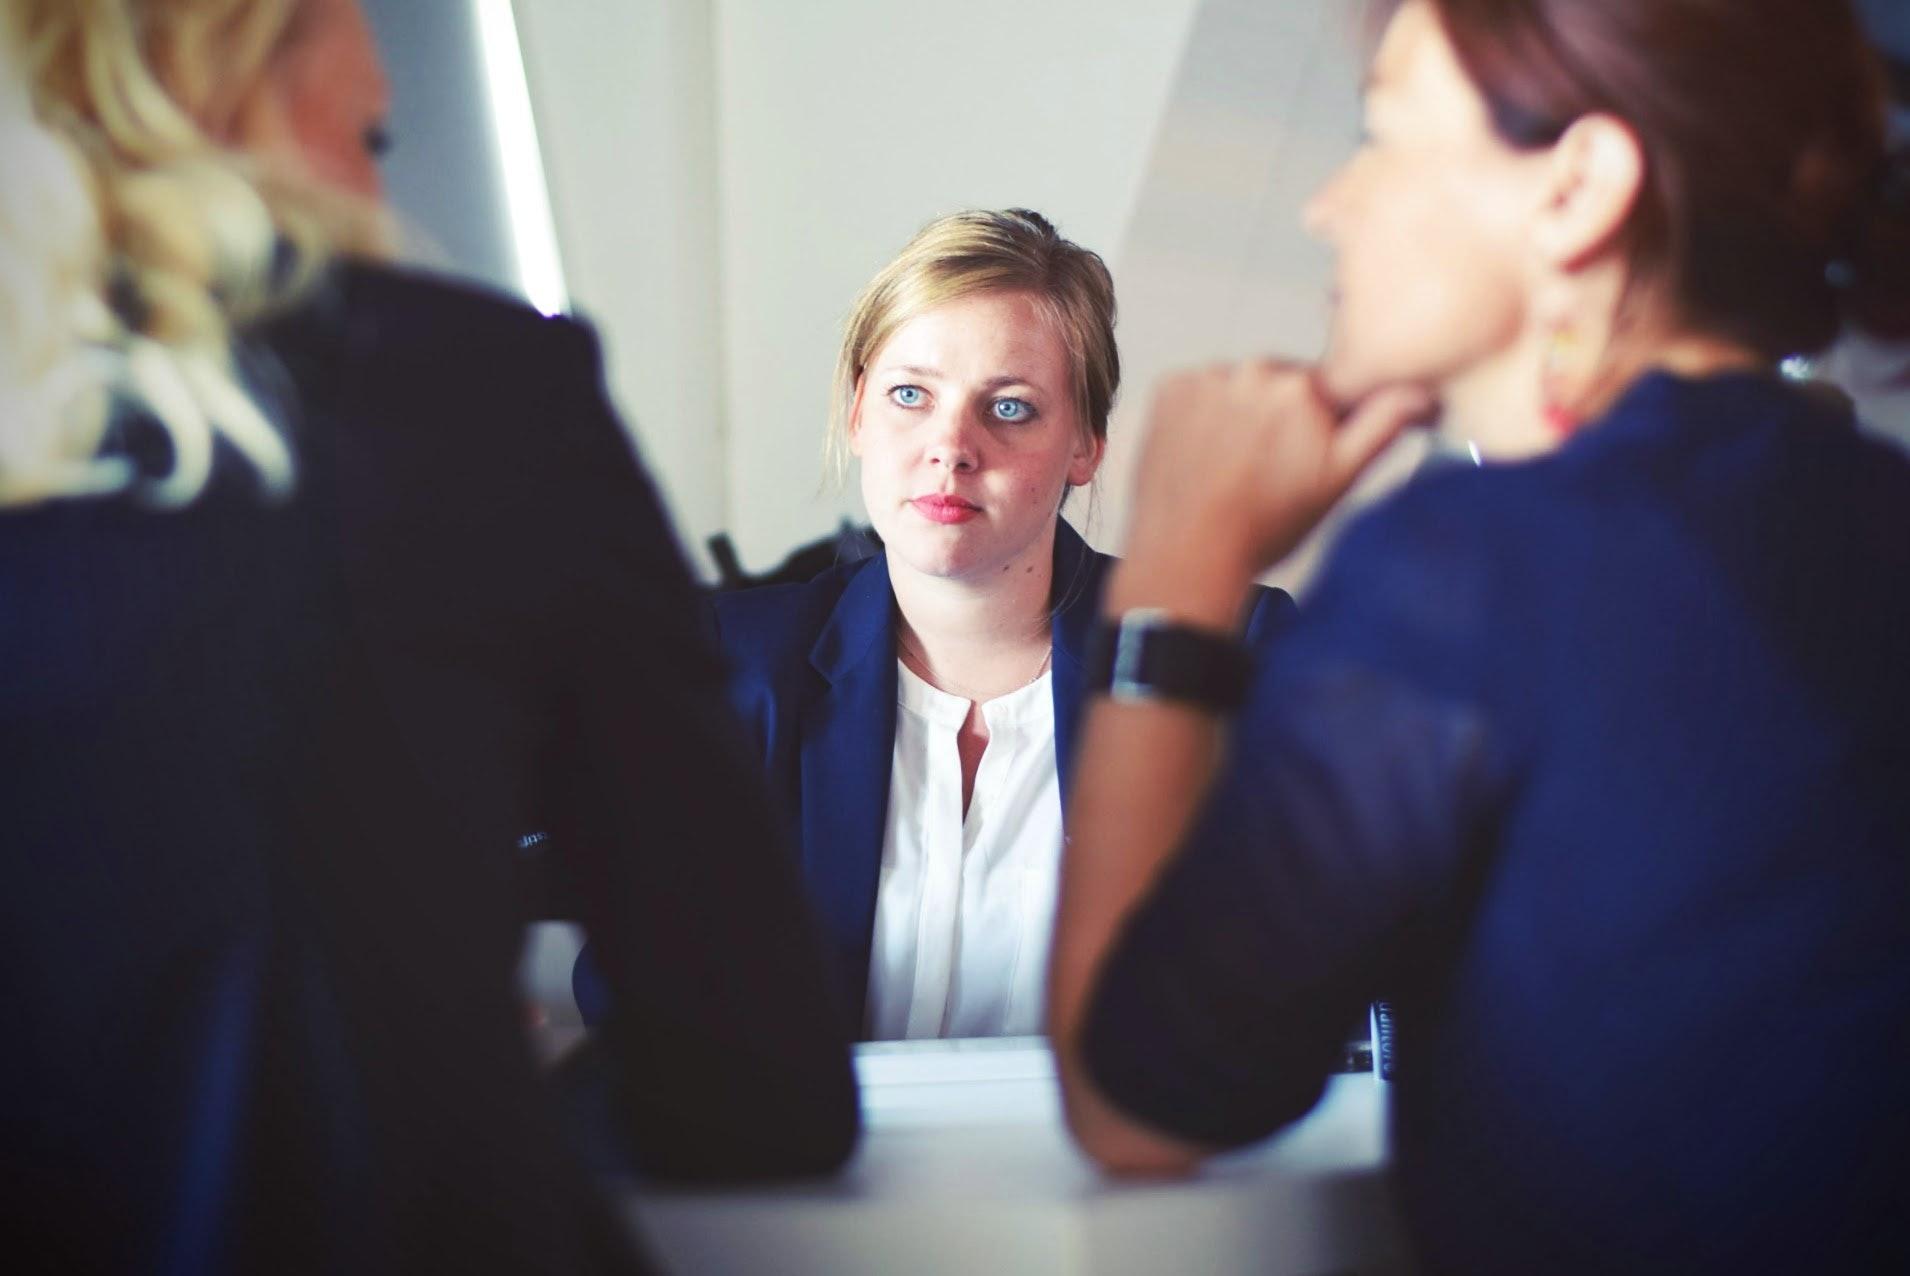 Décret précisant la procédure de recrutement d'agents contractuels dans la fonction publique.